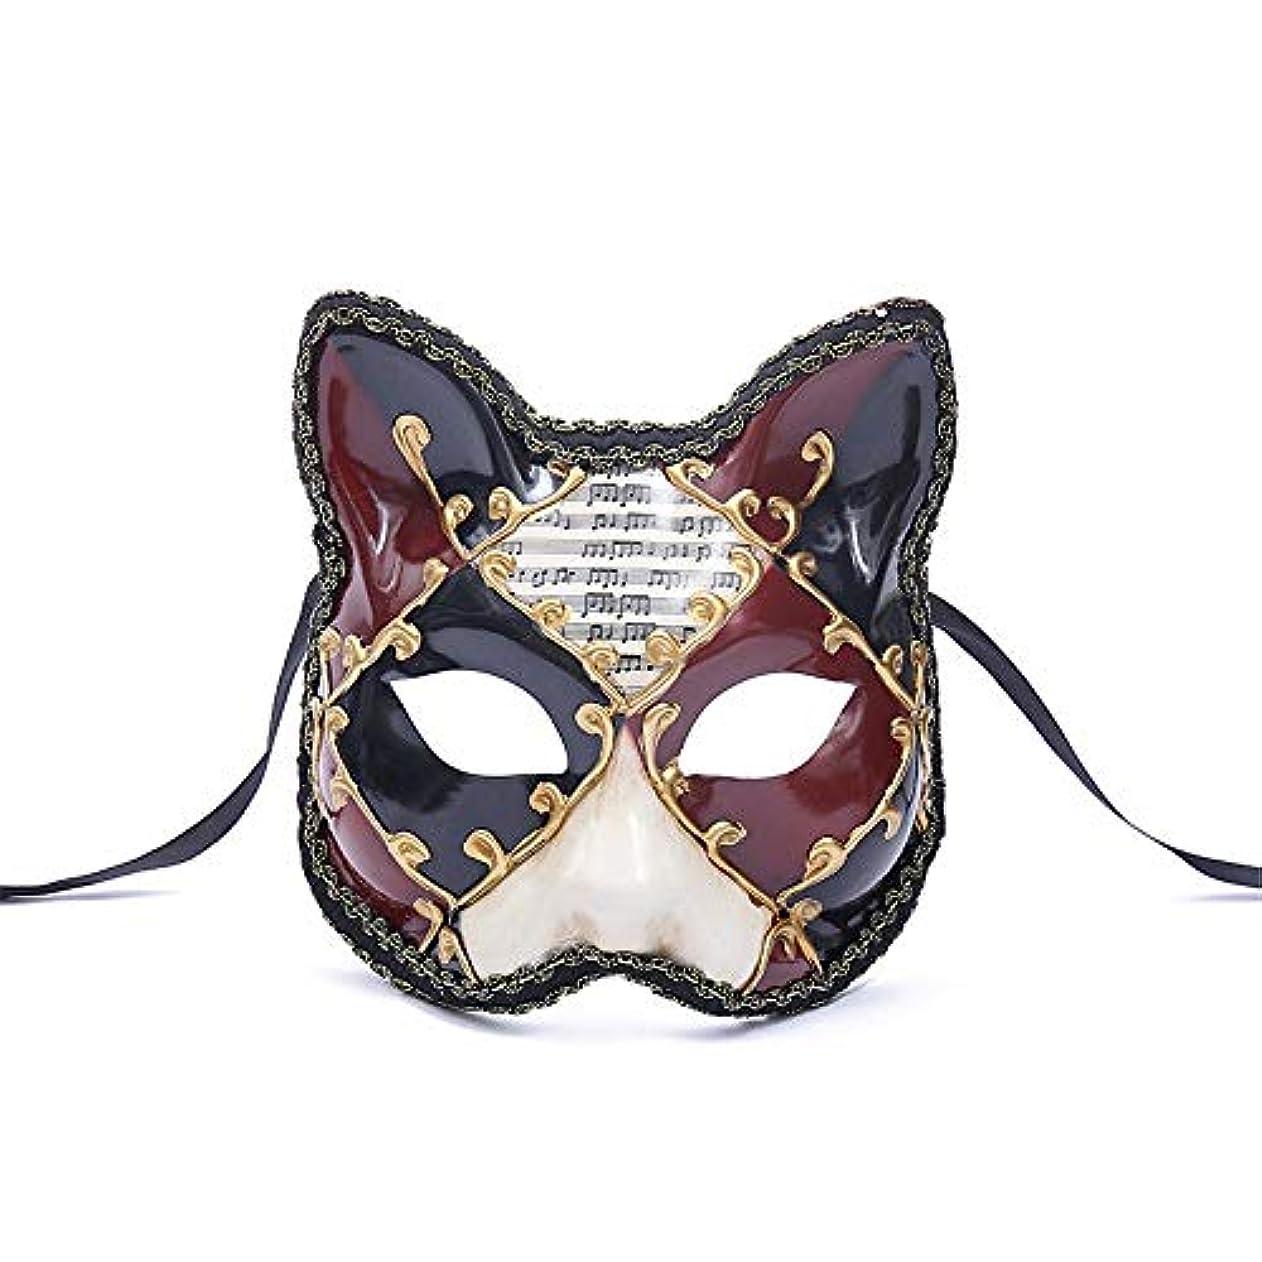 拾う調子銅ダンスマスク 大きな猫アンティーク動物レトロコスプレハロウィーン仮装マスクナイトクラブマスク雰囲気フェスティバルマスク パーティーボールマスク (色 : 赤, サイズ : 17.5x16cm)